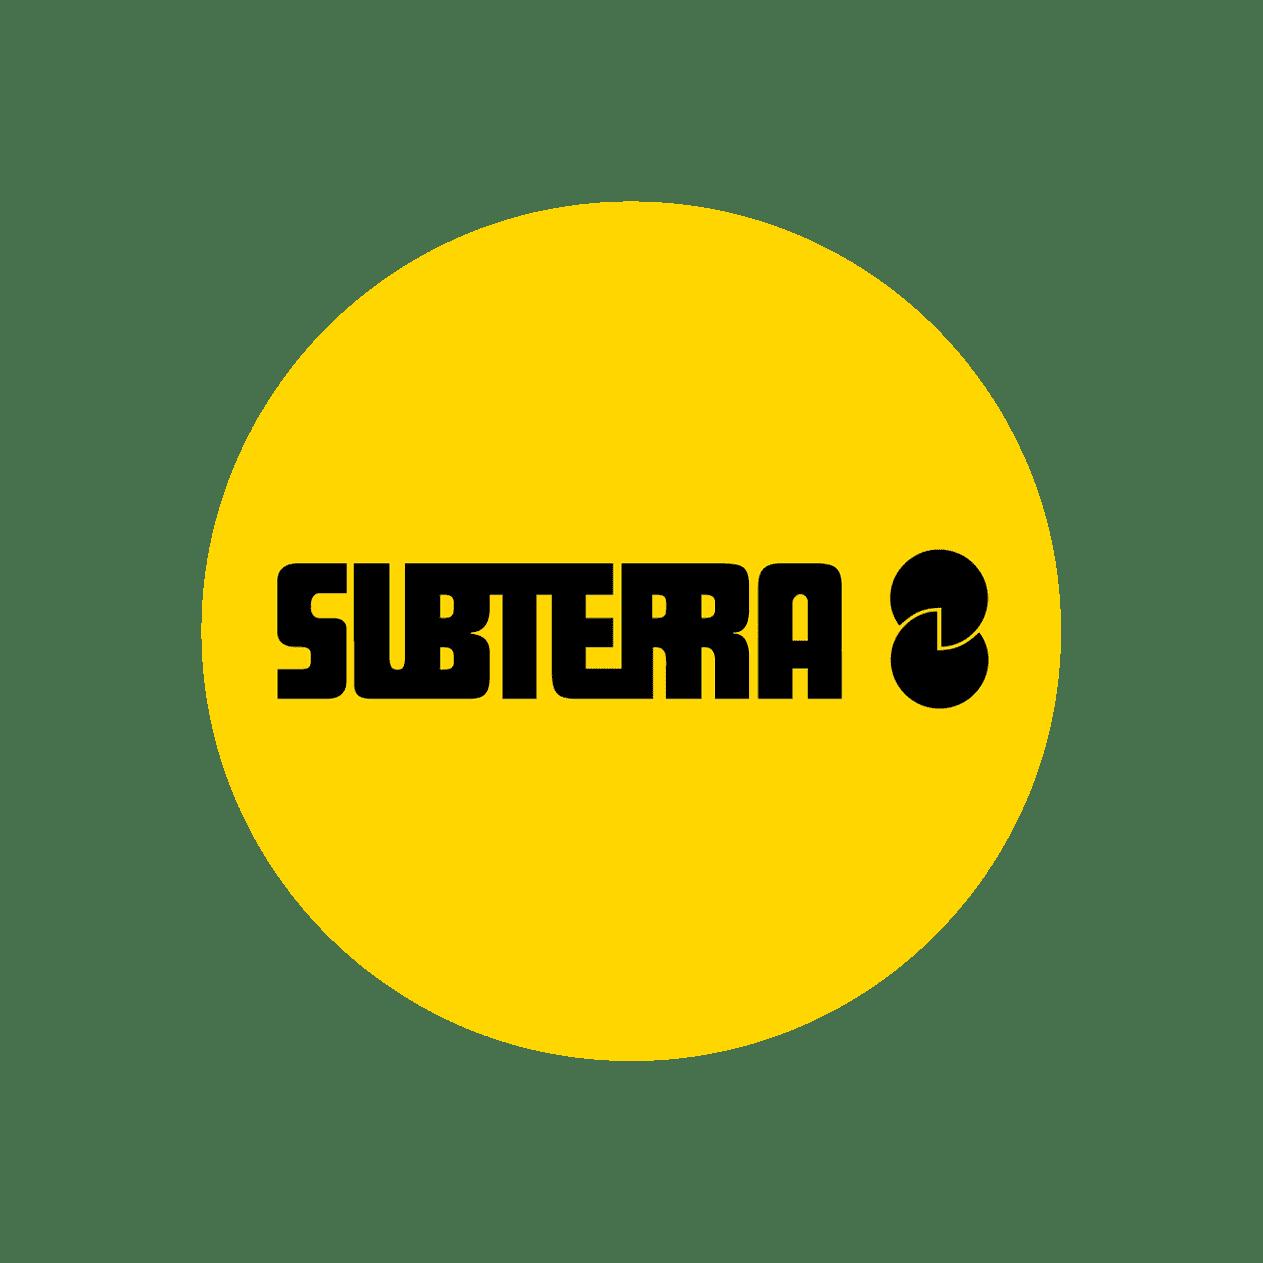 subterra_optimized